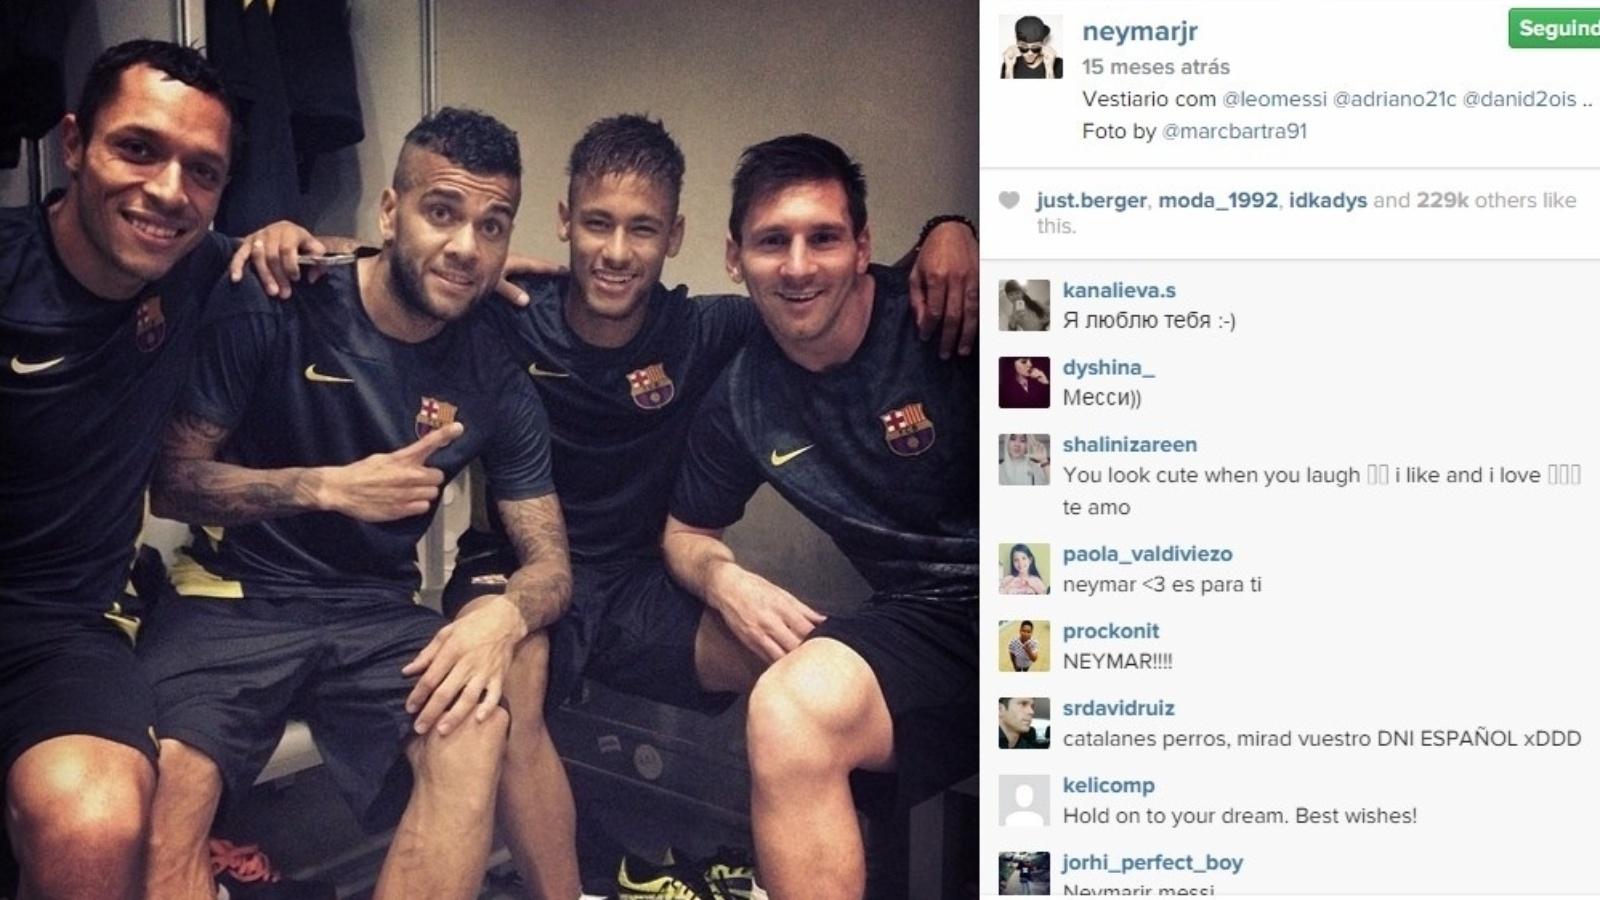 Parceiros de Neymar acreditam que ele ganhou respeito de Messi por conta do bom futebol apresentando